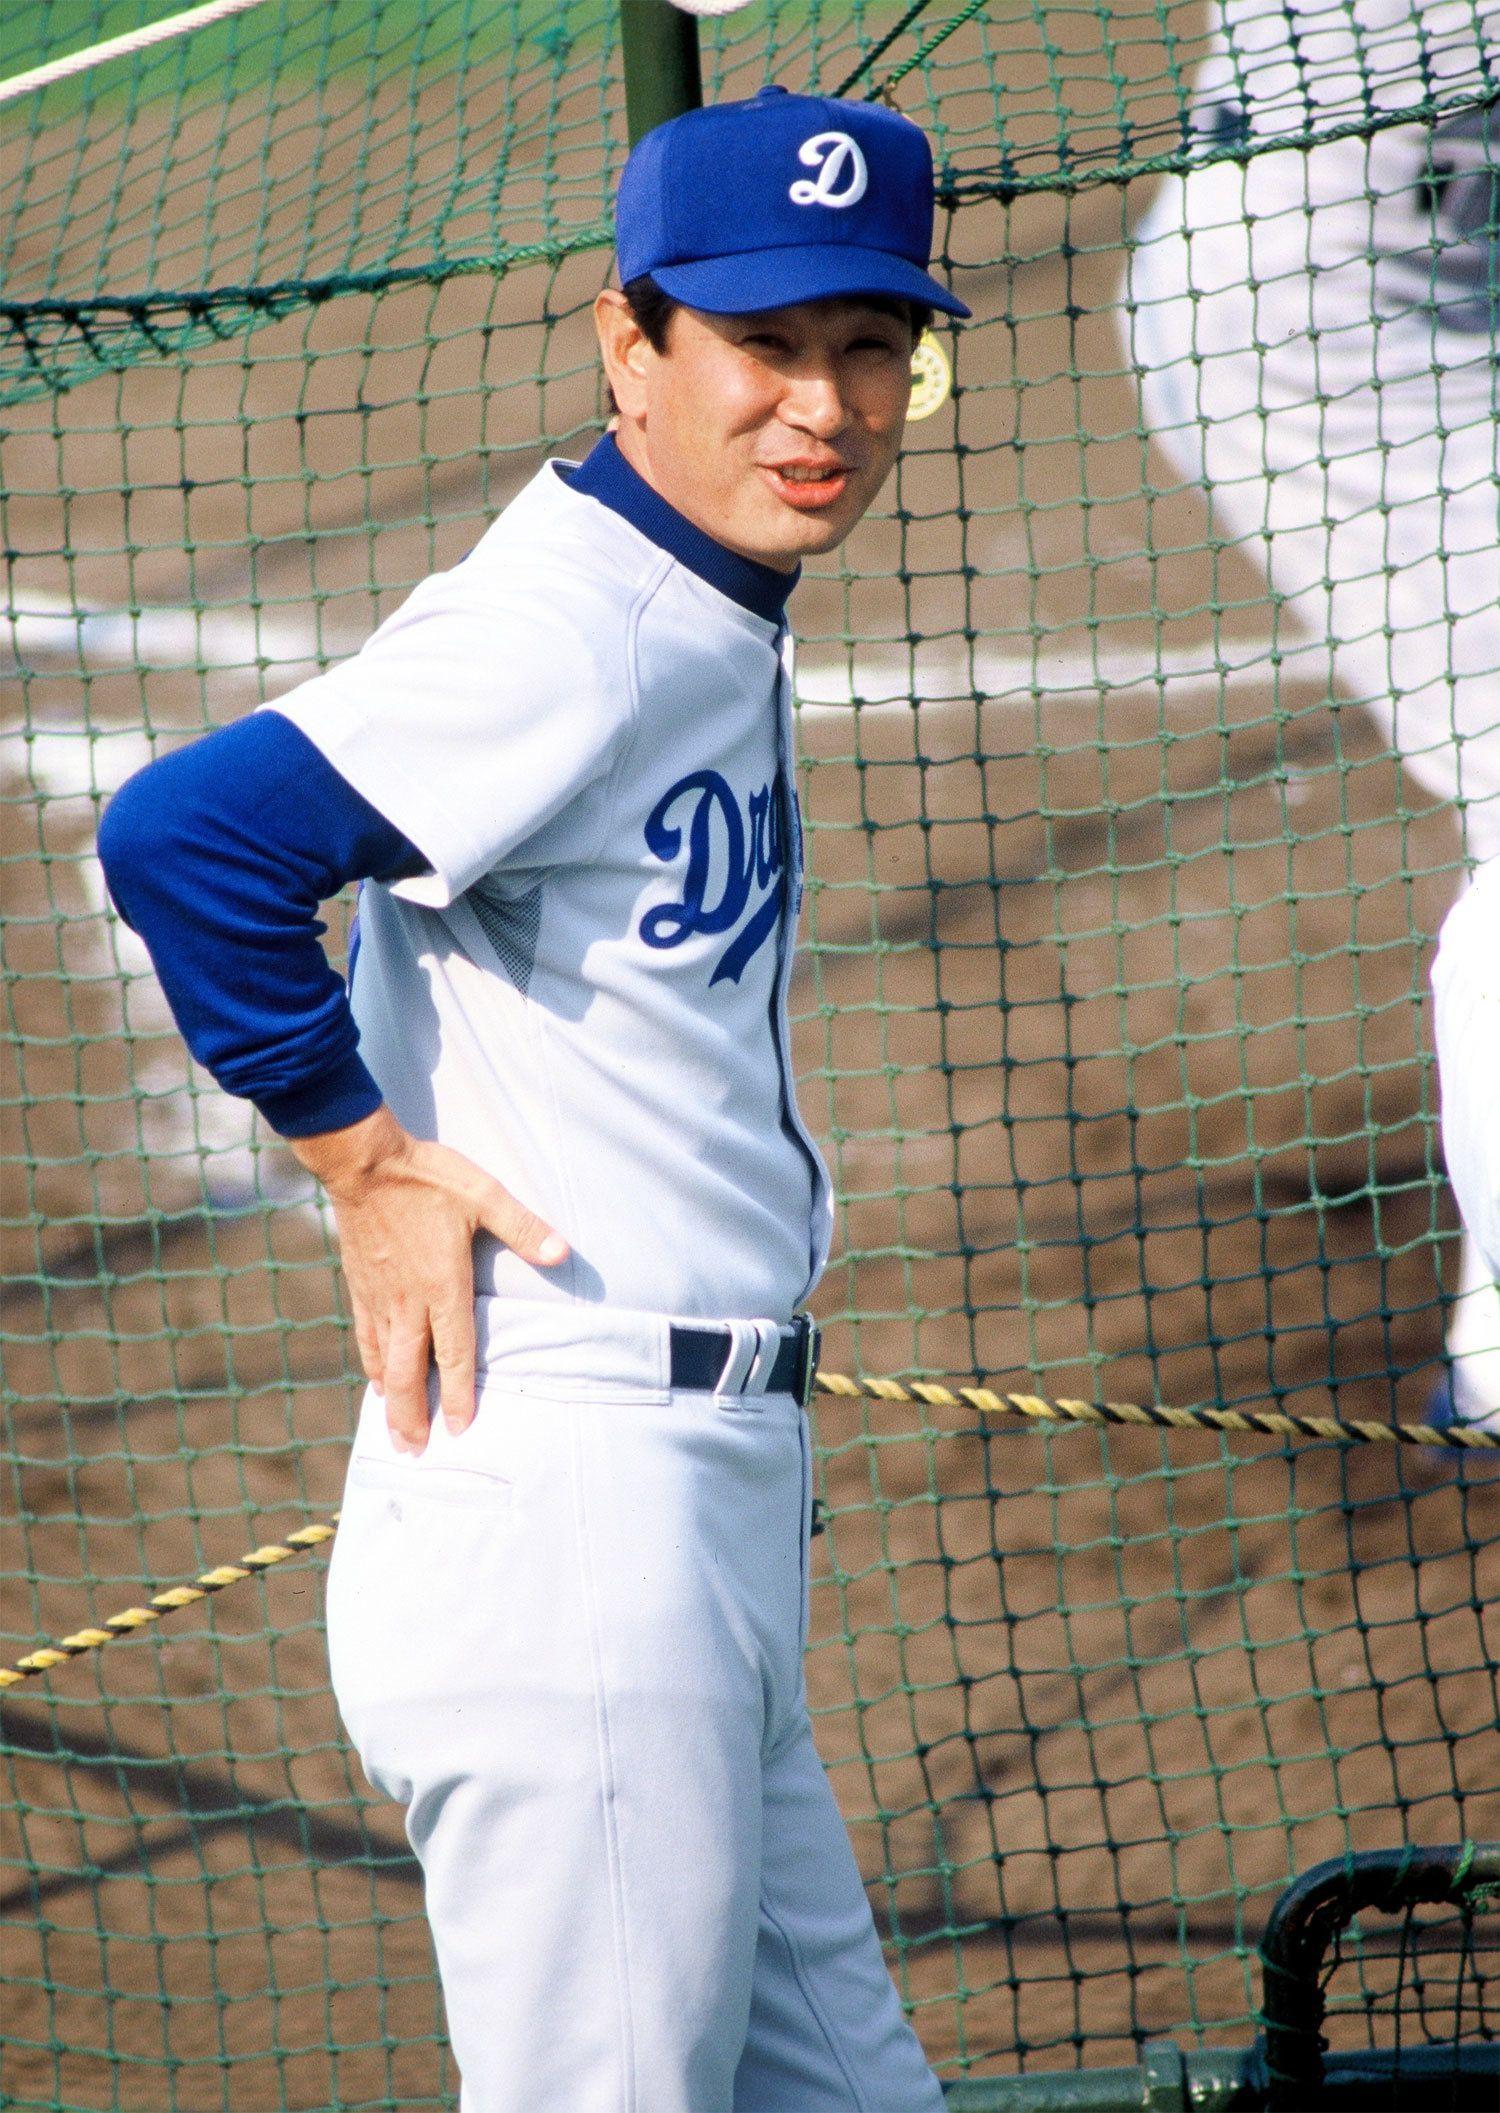 ナゴヤドームで野球殿堂入りの表彰をされた星野仙一 ©文藝春秋